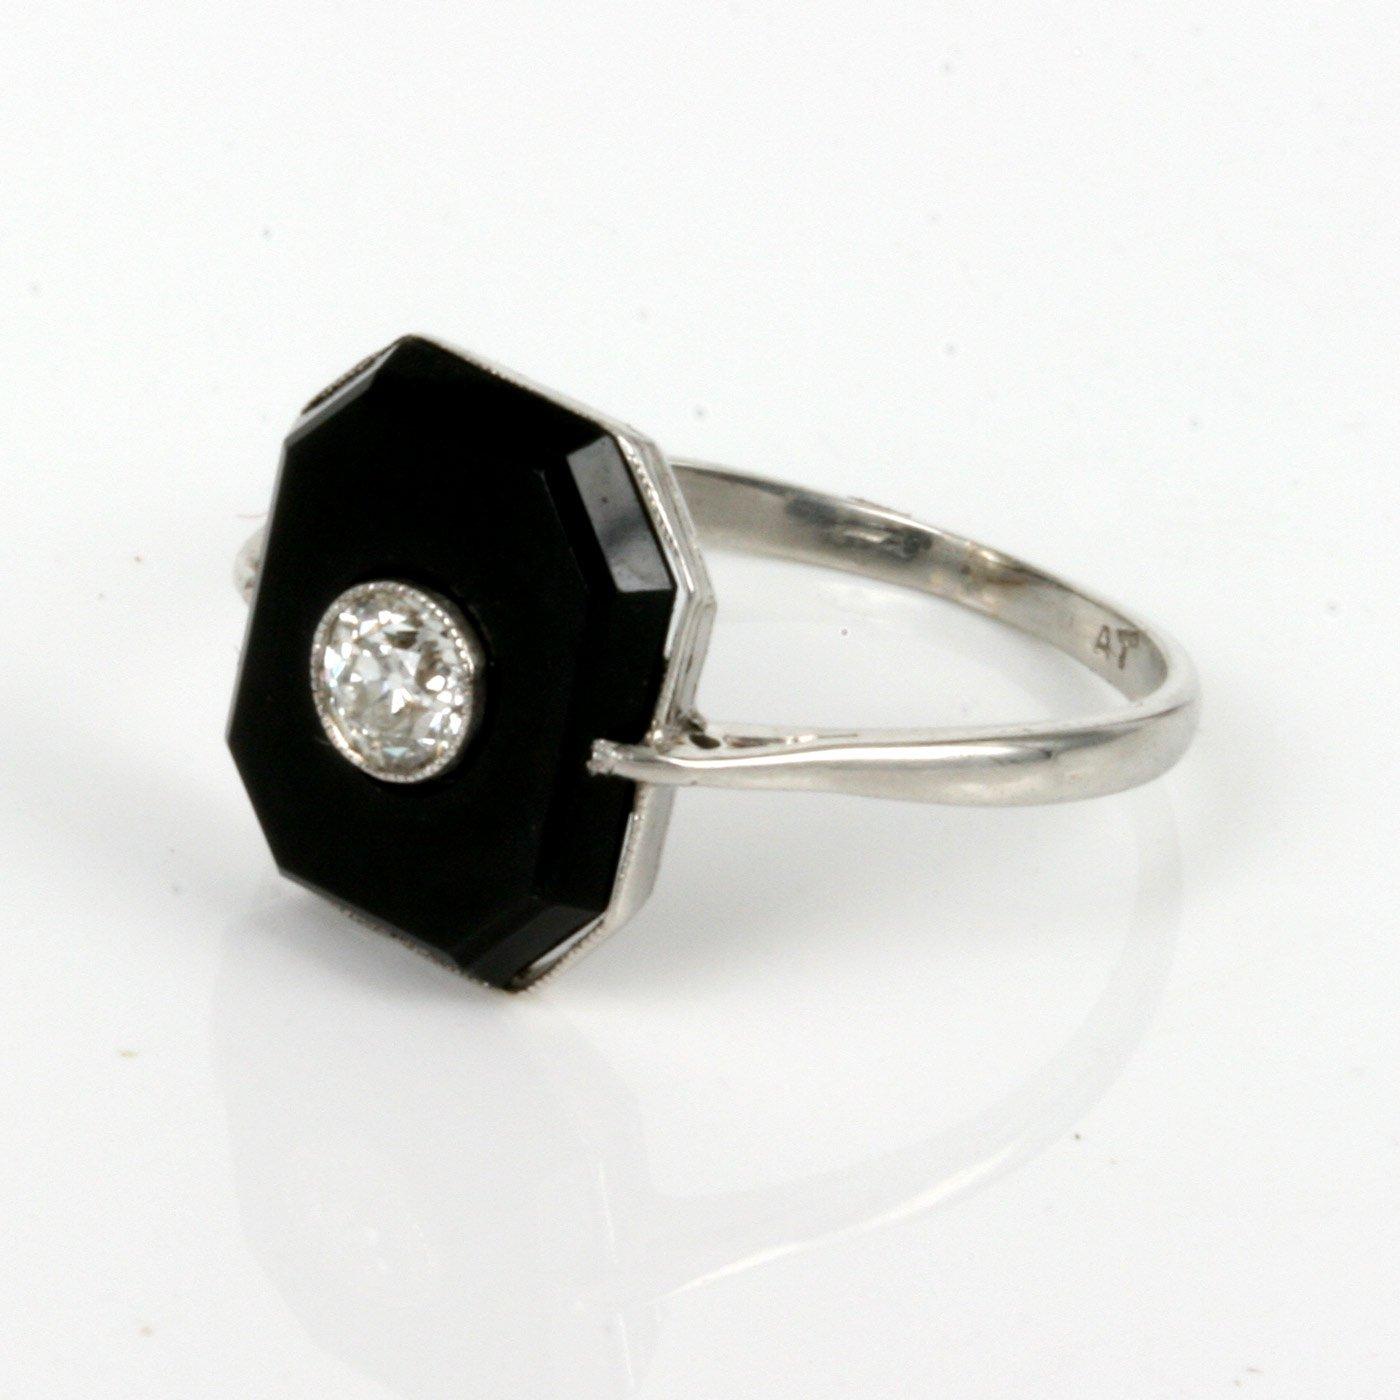 mens black onyx wedding rings hd image - Black Onyx Wedding Ring